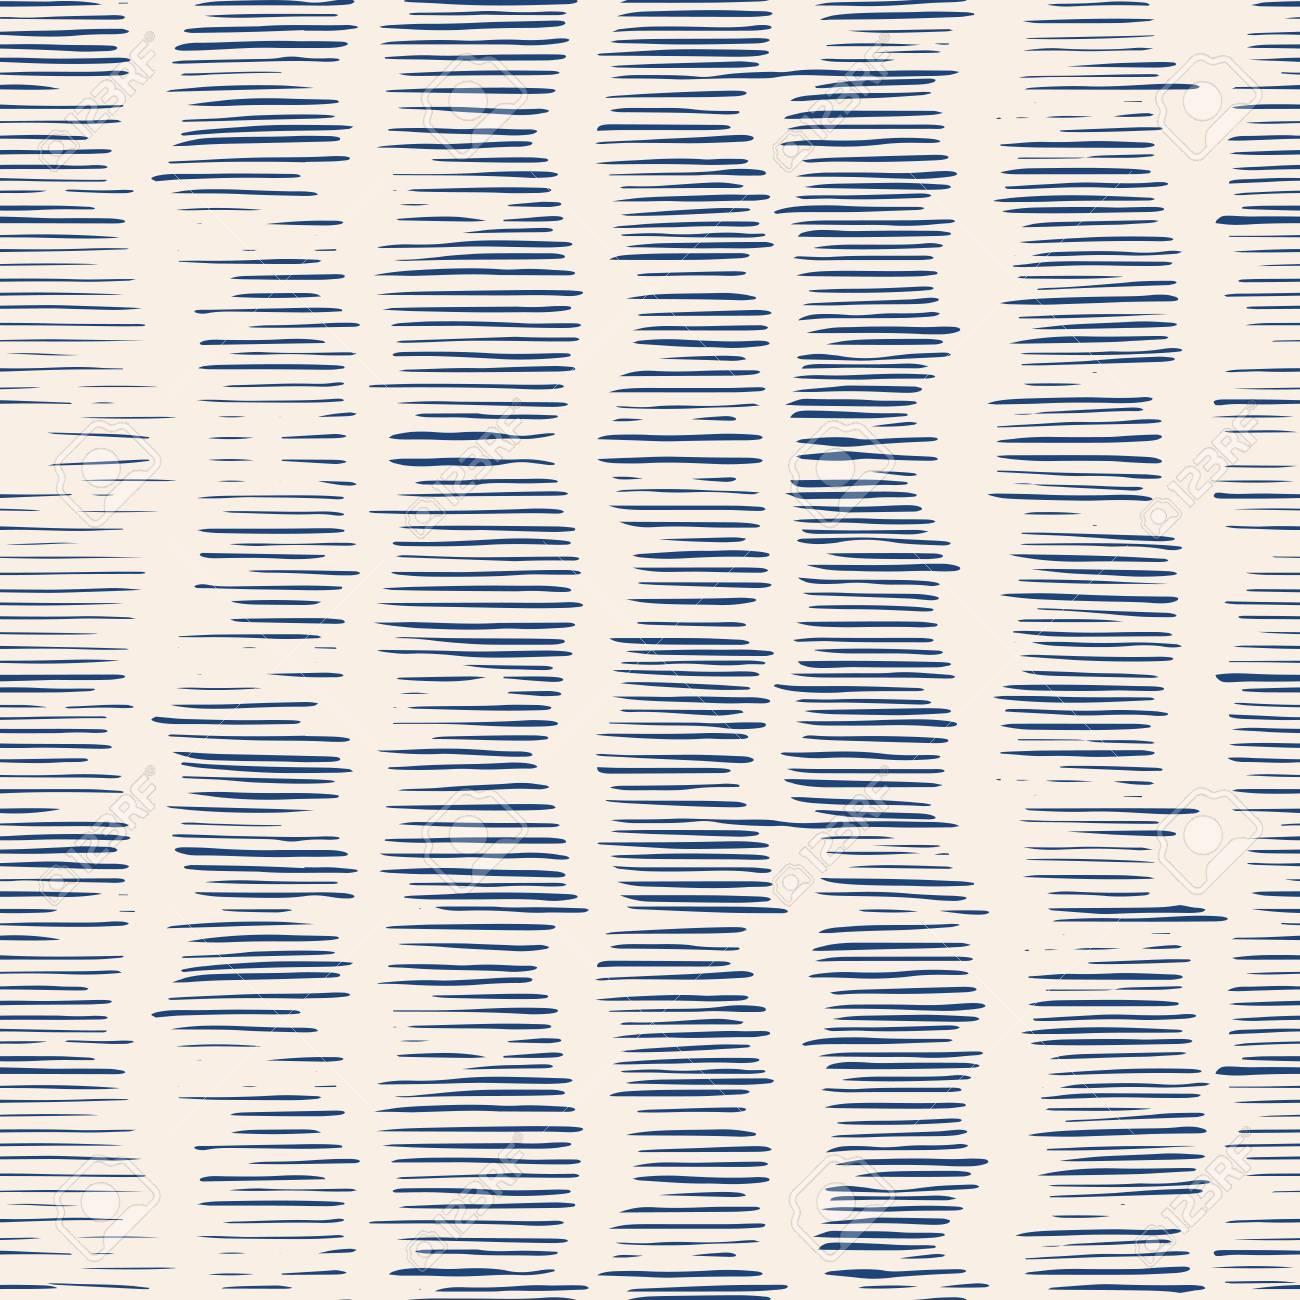 Vector Tie Tye Seamless Pattern Impression Shibori Dessinee A La Main Fond Japonais Texture En Encre Carrelage De Fondation Moderne Batic Aquarelle Intact Sans Fin De Toile De Fond Clip Art Libres